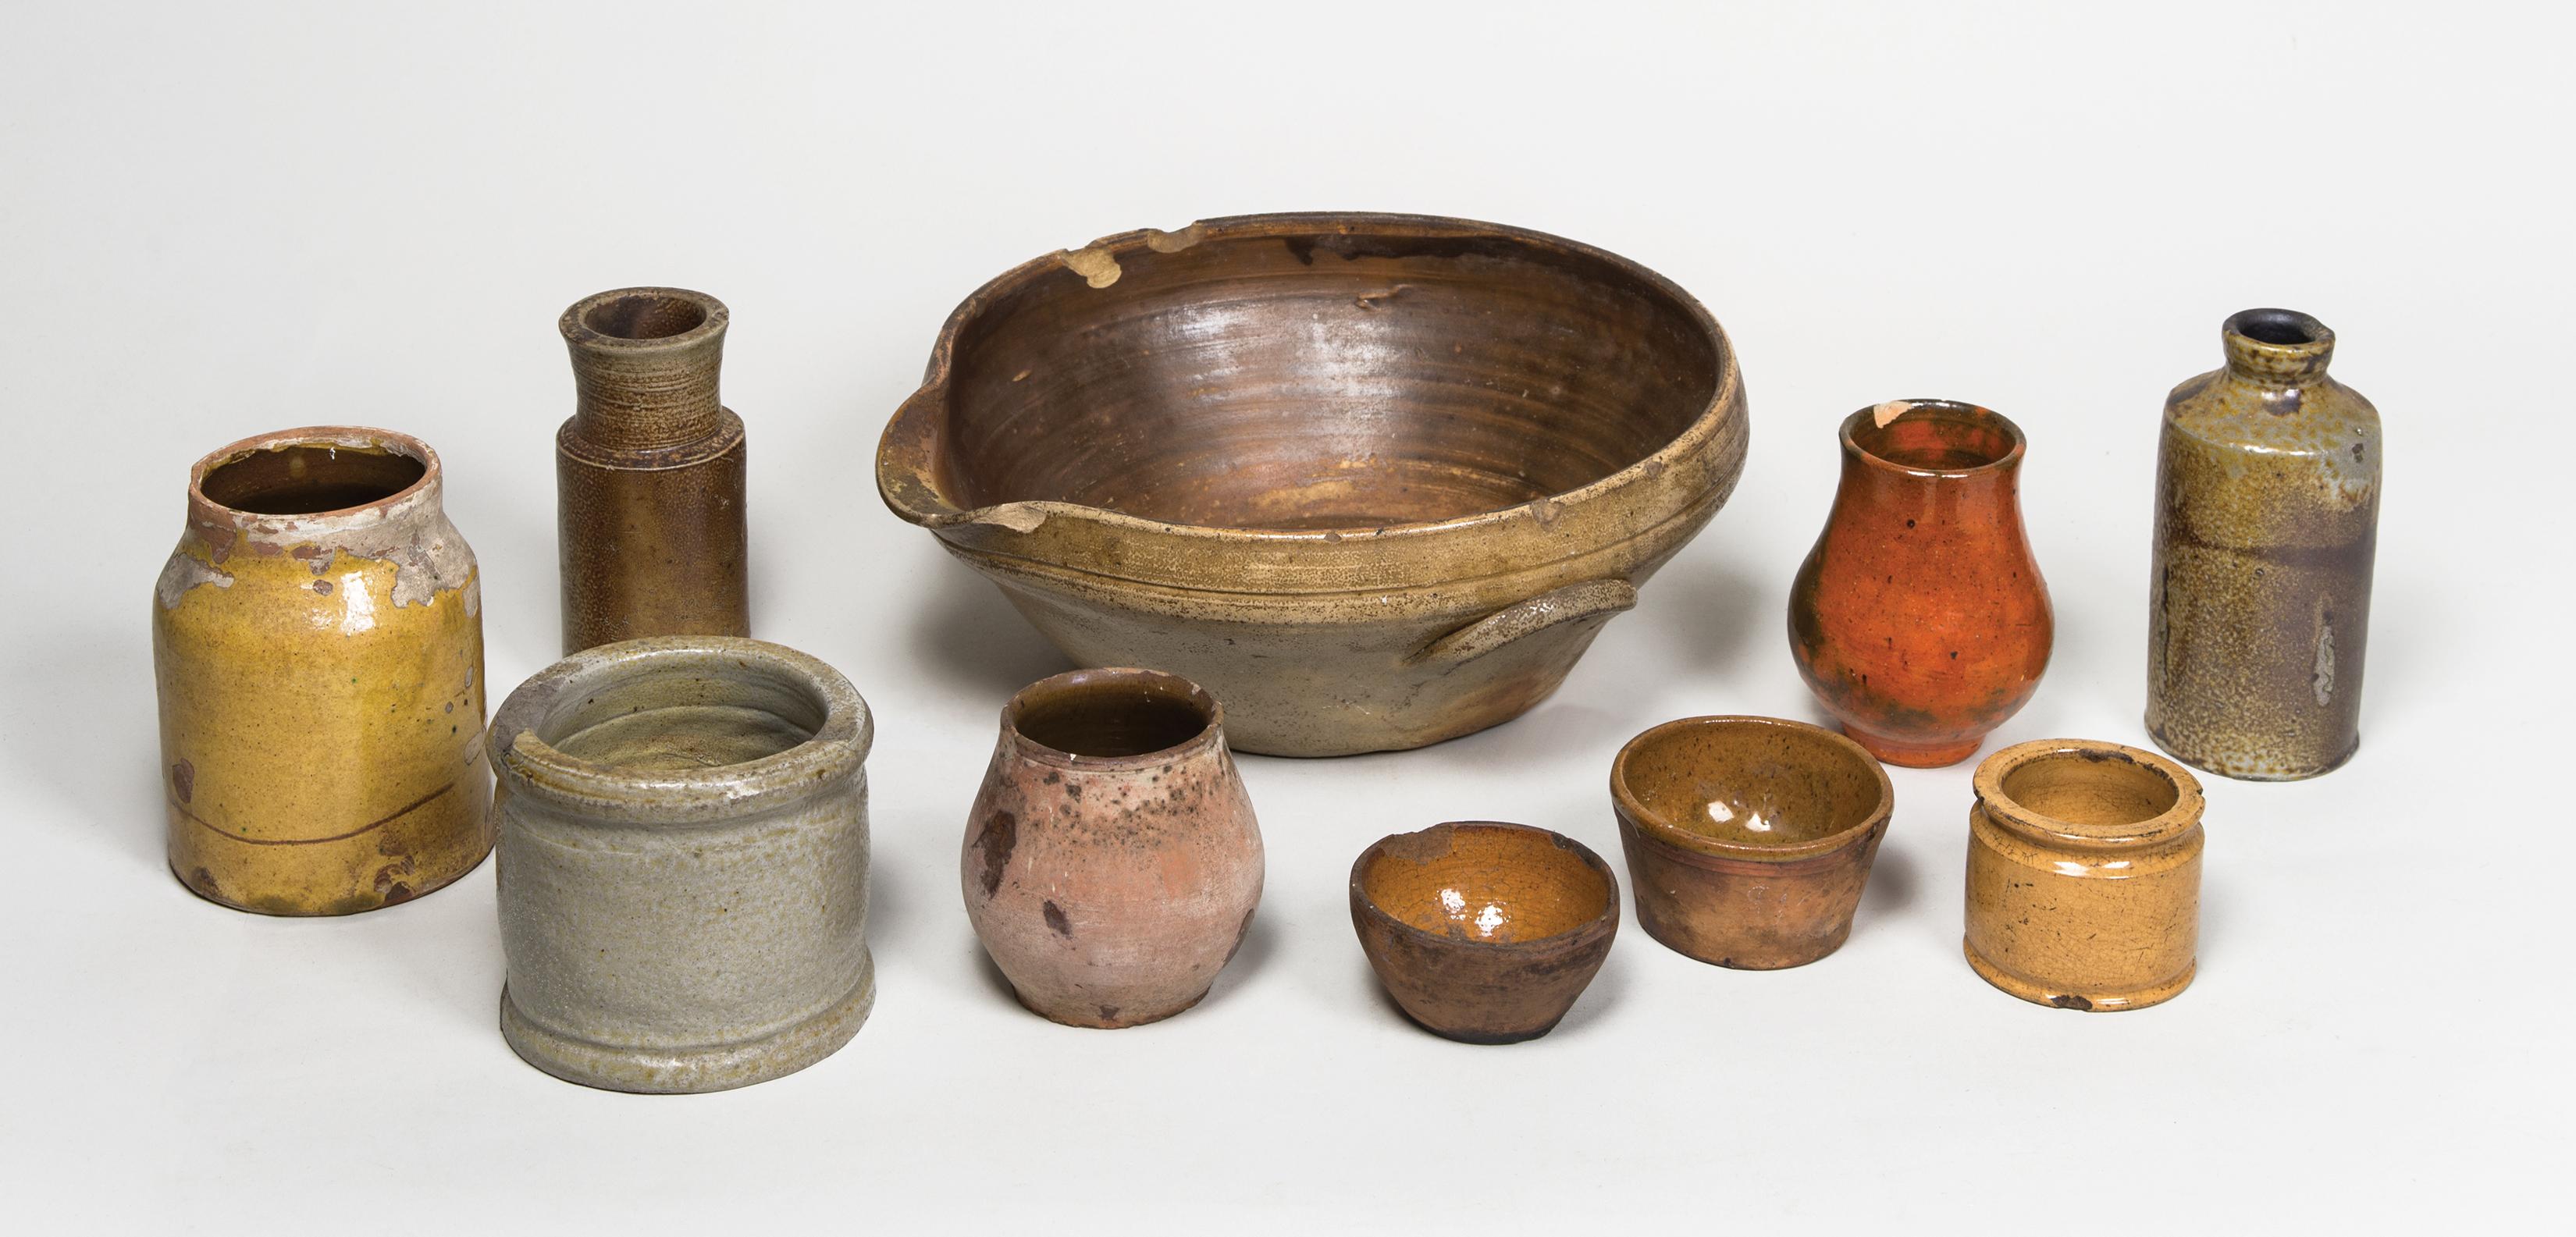 stoneware, redware, jars